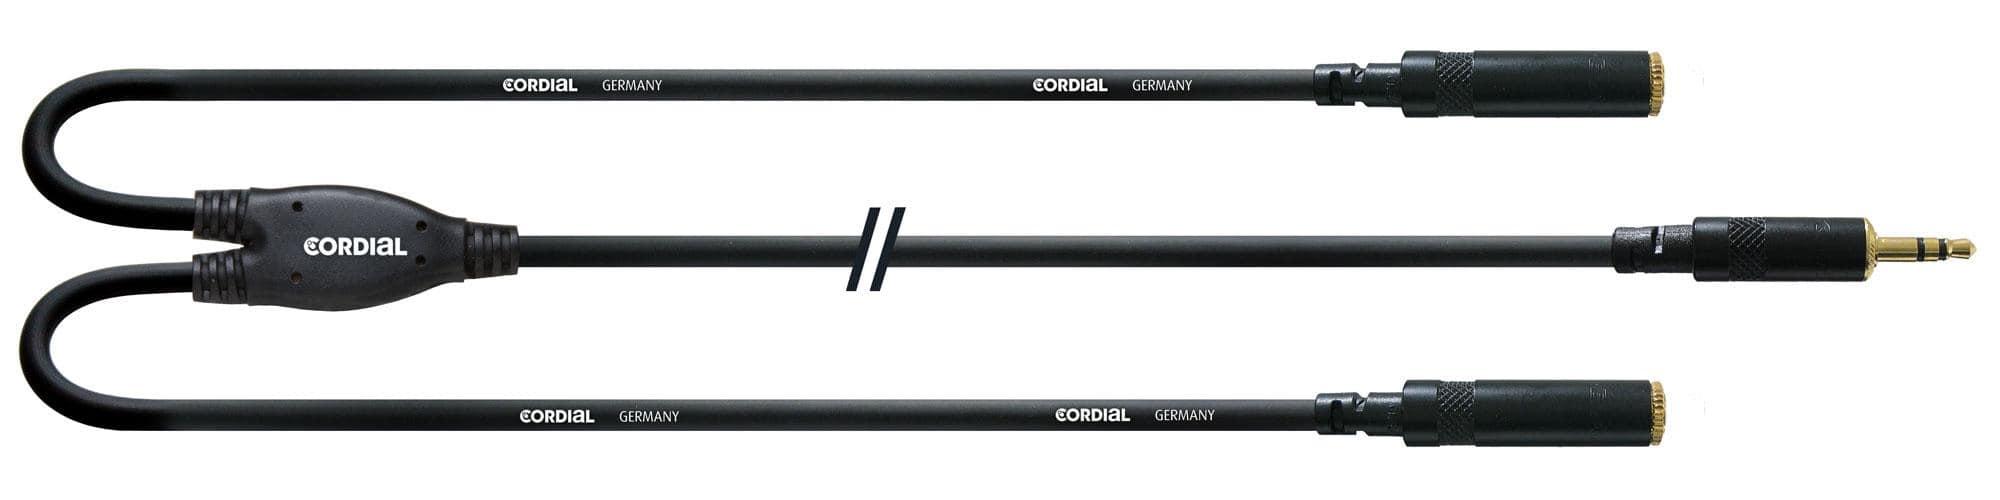 Kabelmulticores - Cordial CFY 0,3 WYY Klinkenkabel Y Adapter 0,3 m - Onlineshop Musikhaus Kirstein